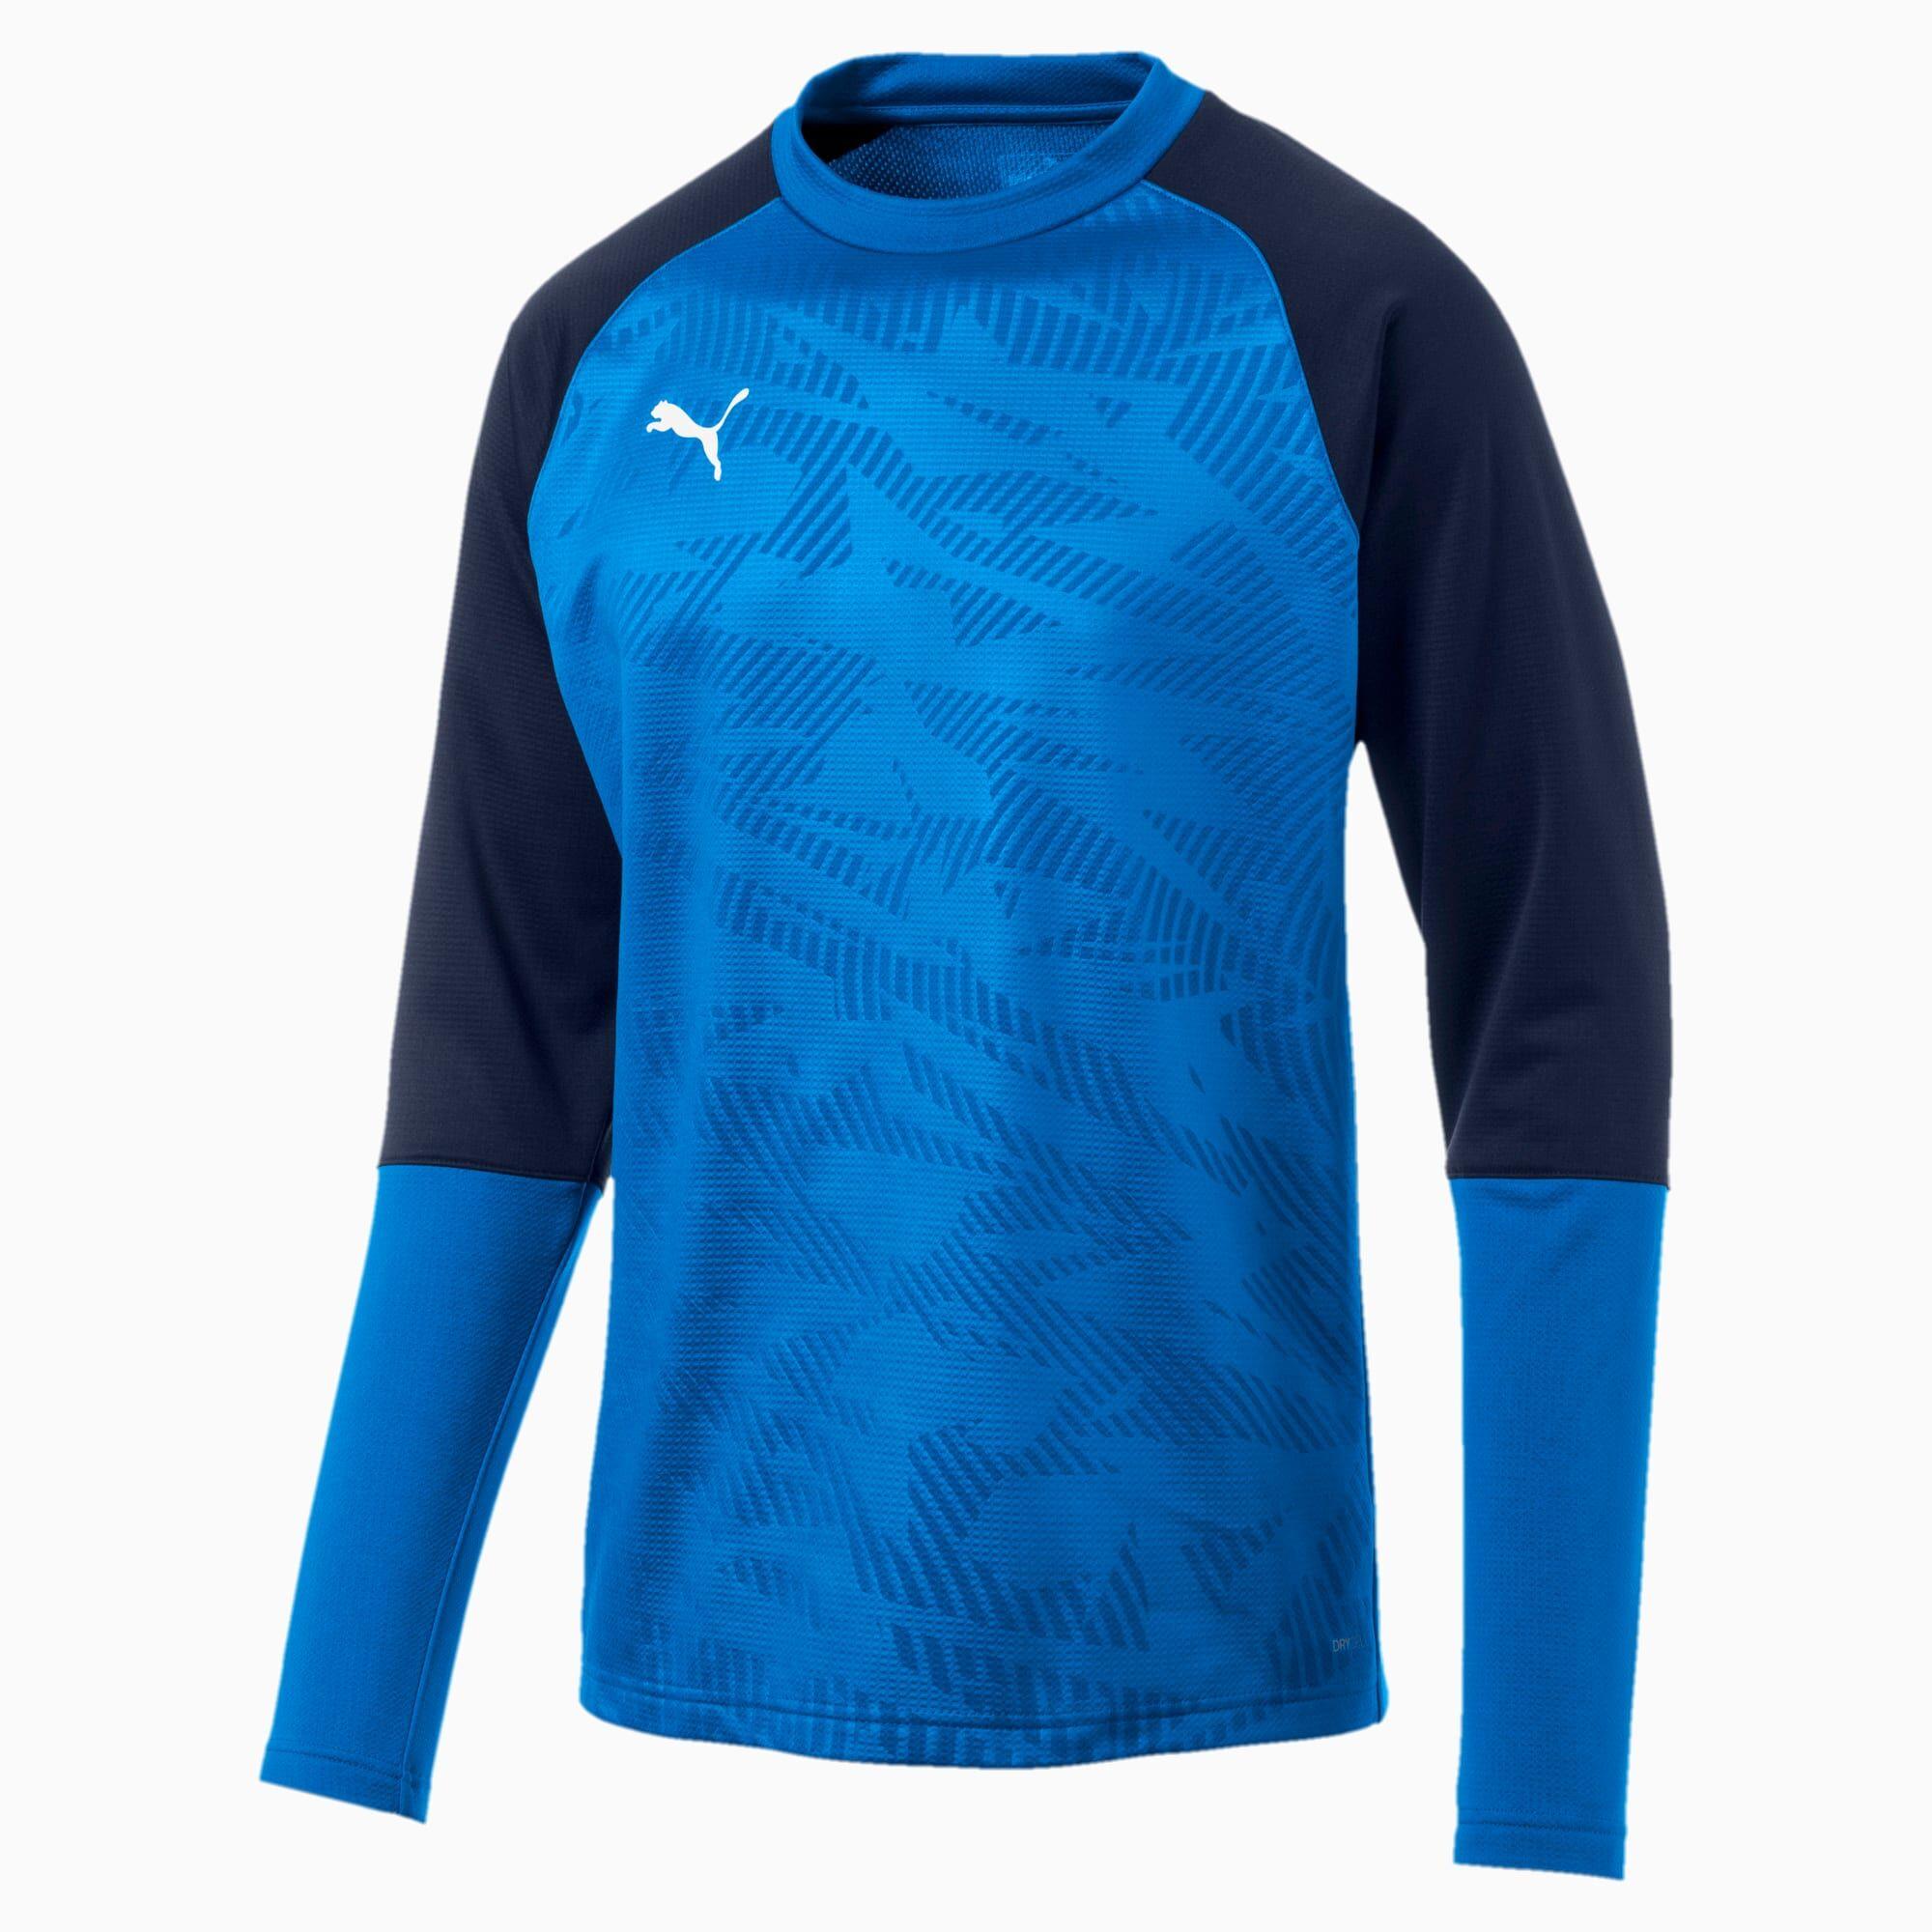 PUMA Sweat de football CUP Training Core pour Homme, Bleu, Taille 3XL, Vêtements